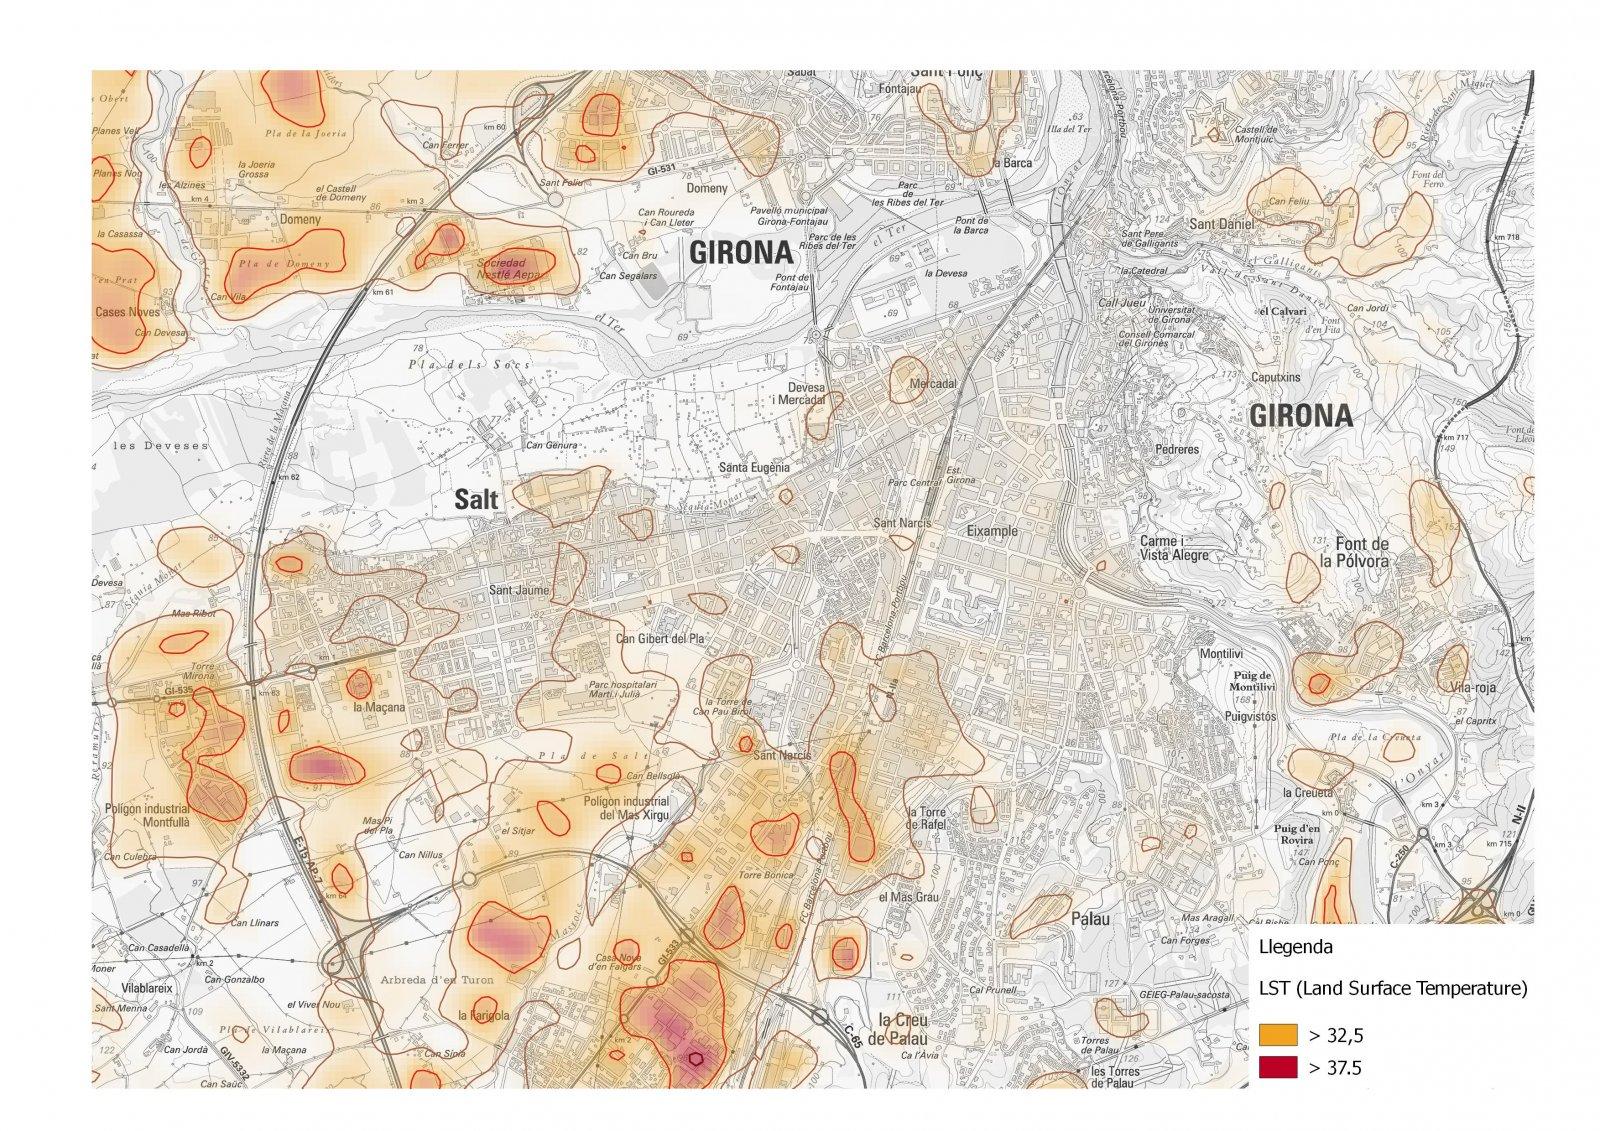 Detall del mapa de temperatures superficials corresponent a la ciutat de Girona